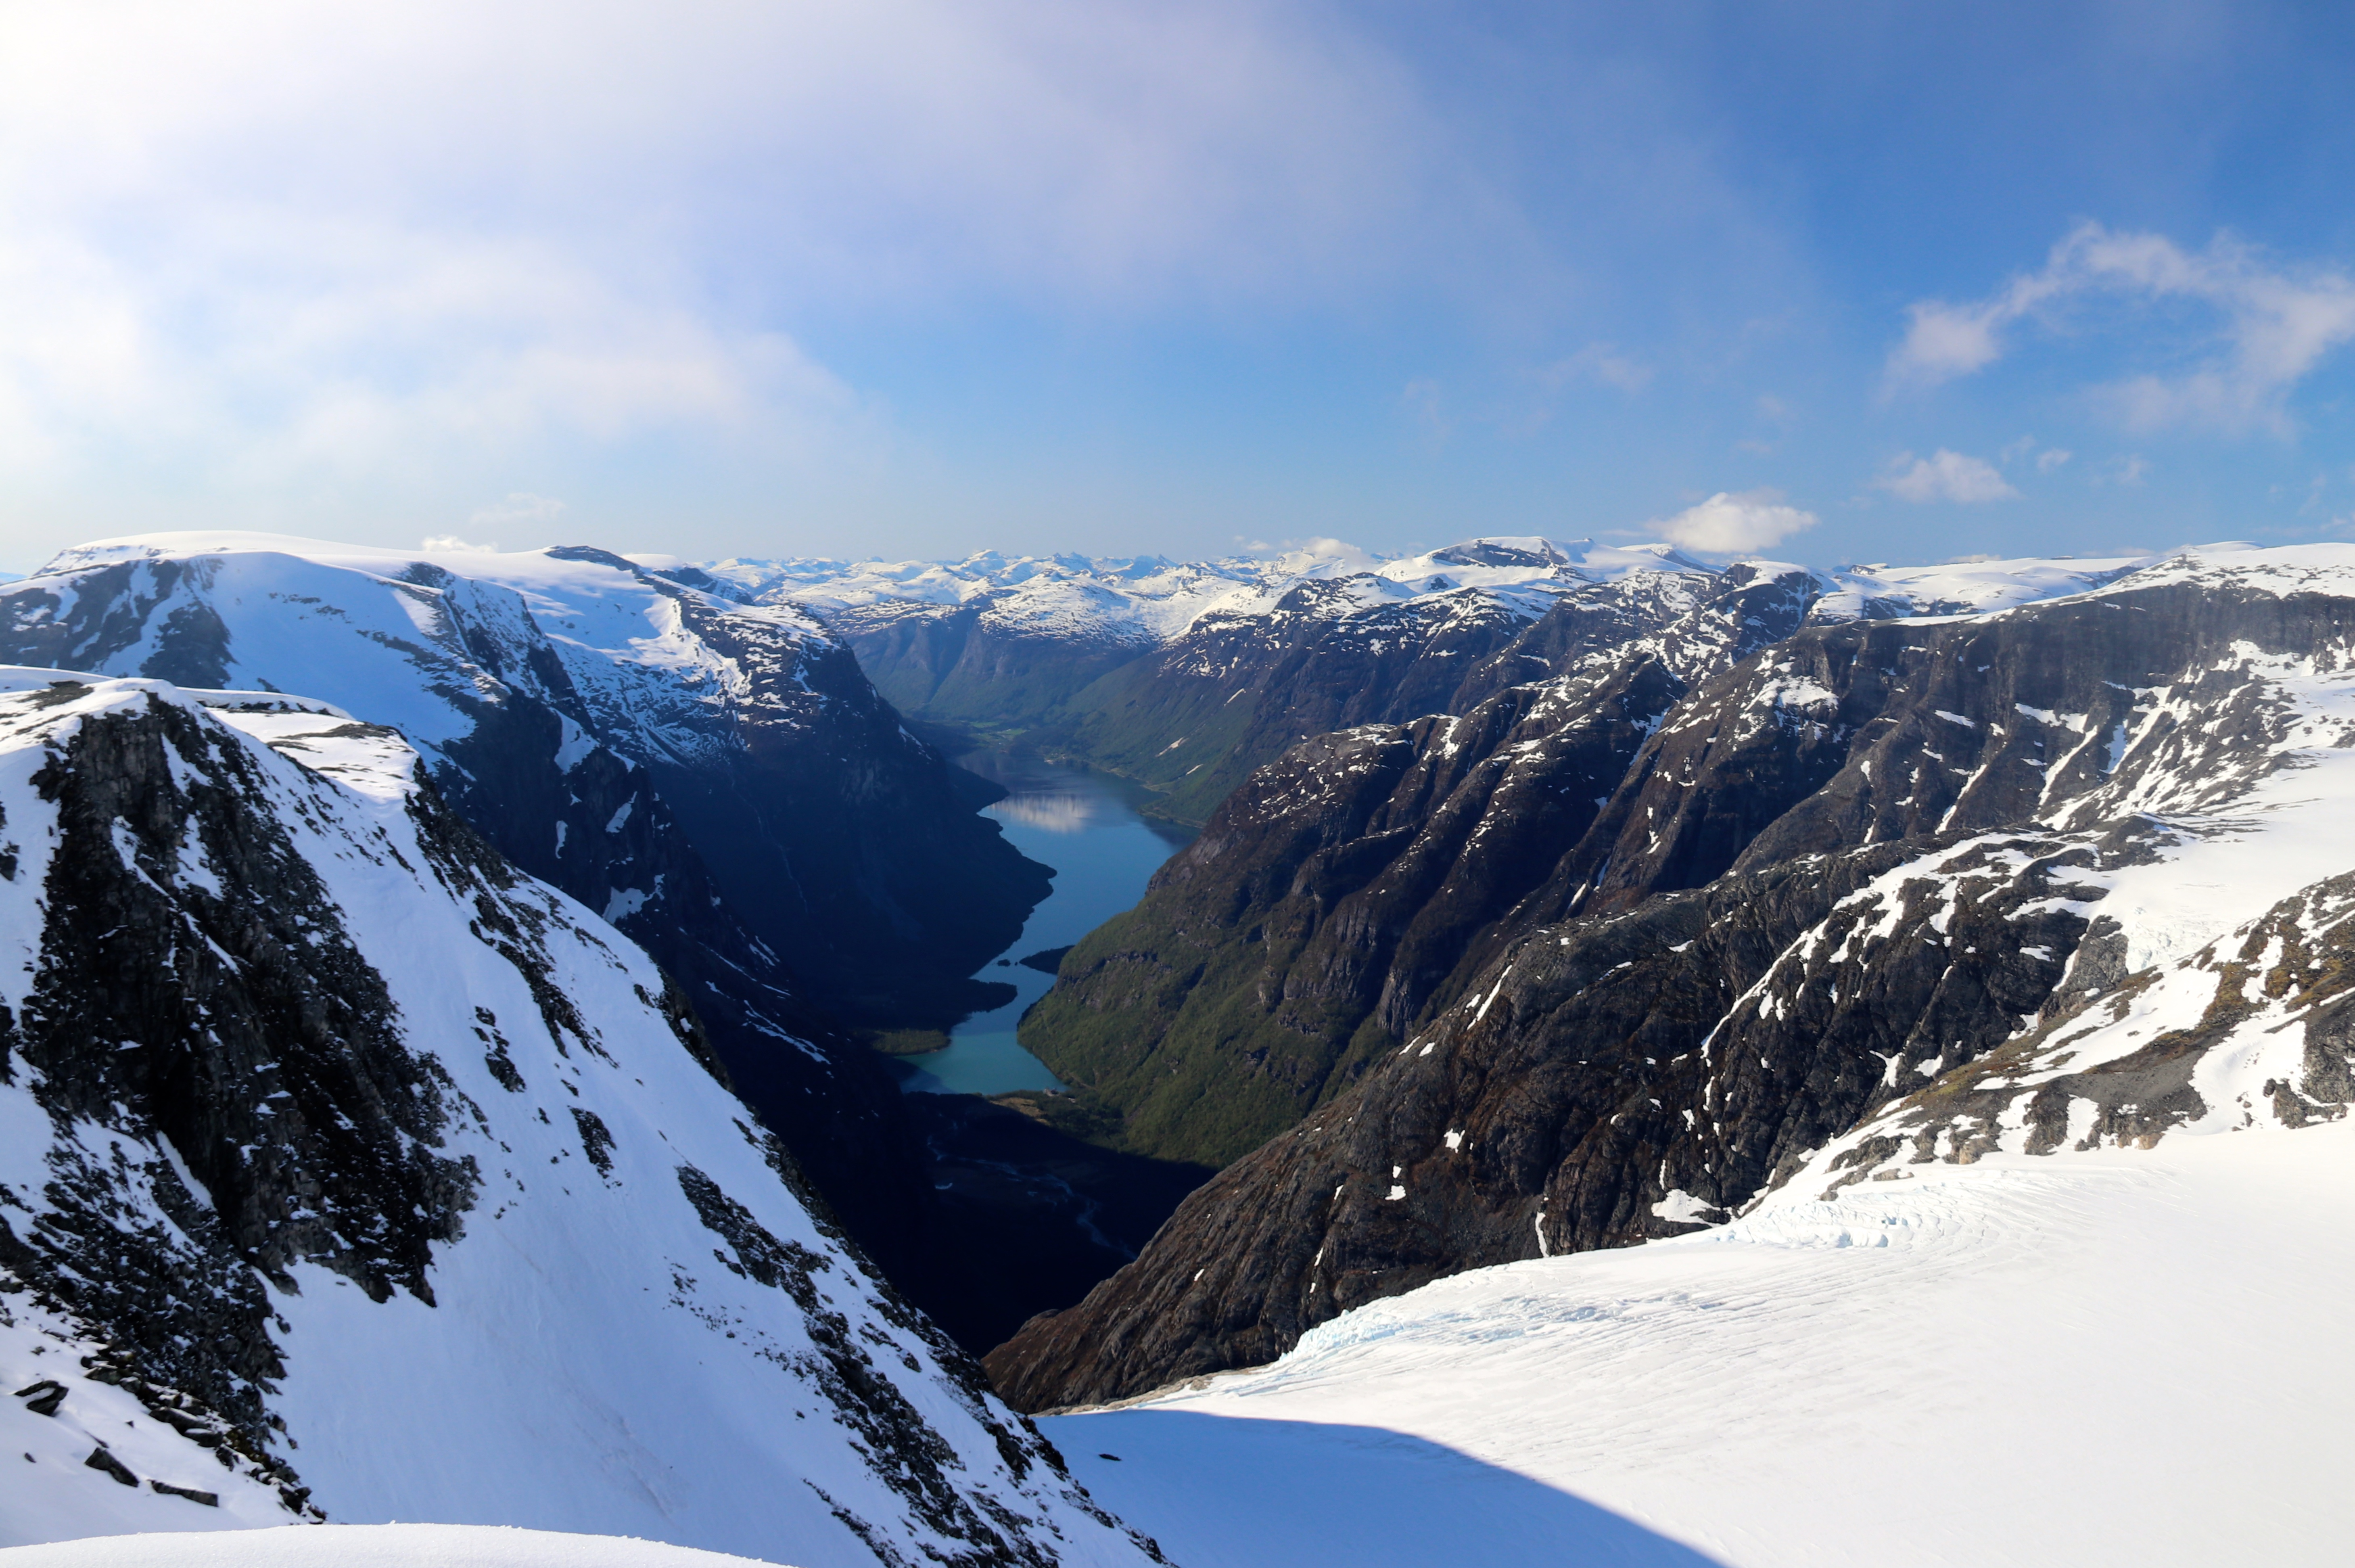 Loen rundt følger fjellryggene og breene rundt Lovatnet.